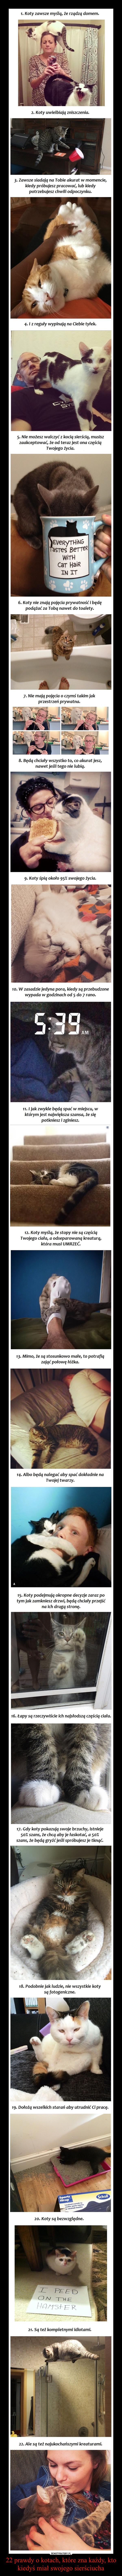 22 prawdy o kotach, które zna każdy, kto kiedyś miał swojego sierściucha –  I. Koty zawsze myślą, że rządzą domem. z. Koty uwielbiają zniszczenia. 3. Zawsze siadają na Tobie akurat w momencie, kiedy próbujesz pracować, lub kiedy potrzebujesz chwili odpoczynku. 4. I z reguły wypinają na Ciebie tyłek. 5. Nie możesz walczyć z kocią sierścią, musisz zaakceptować, że od teraz jest ona częścią Twojego życia. 6. Koty nie znają pojęcia prywatność I będę podążać za Tobą nawet do toalety. 7. Nie mają pojęcia o czymś takim Jak przestrzeń prywatna. 8. Będą chciały wszystko to, co akurat Jesz, nawet jeśli tego nie lubią. 9. Koty śpią około 95% swojego życia. 10. W zasadzie jedyna pora, kiedy sq przebudzone wypada w godzinach od 5 do 7 rano. 11. I Jak zwykle będą spać w miejscu, w którym jest największa szansa, że się potkniesz i zginiesz. 12. Koty myślą, że stopy nie są częścią Twojego ciała, a odseparowaną kreaturą, która musi UMRZEĆ. 13. Mimo, że są stosunkowo małe, to potrafią zająć połowę łóżka. 14. Albo będą nalegać aby spać dokładnie na Twojej twarzy. 15. Koty podejmują okropne decyzje zaraz po tym jak zamkniesz drzwi, będą chciały przejść na ich drugą stronę. 16. Łapy są rzeczywiście ich najsłodszą częścią ciała. 17. Gdy koty pokazują swoje brzuchy, istnieje 5o% szans, że chcą aby je łaskotać, a 5o% szans, że będą gryźć jeśli spróbujesz je tknąć. 18. Podobnie jak ludzie, nie wszystkie koty są fotogeniczne. 19. Dołożą wszelkich starań aby utrudnić Ci pracę. 20. Koty są bezwzględne. 21. Są też kompletnymi idiotami. 22. Ale są tel najukochańszymi kreaturami.